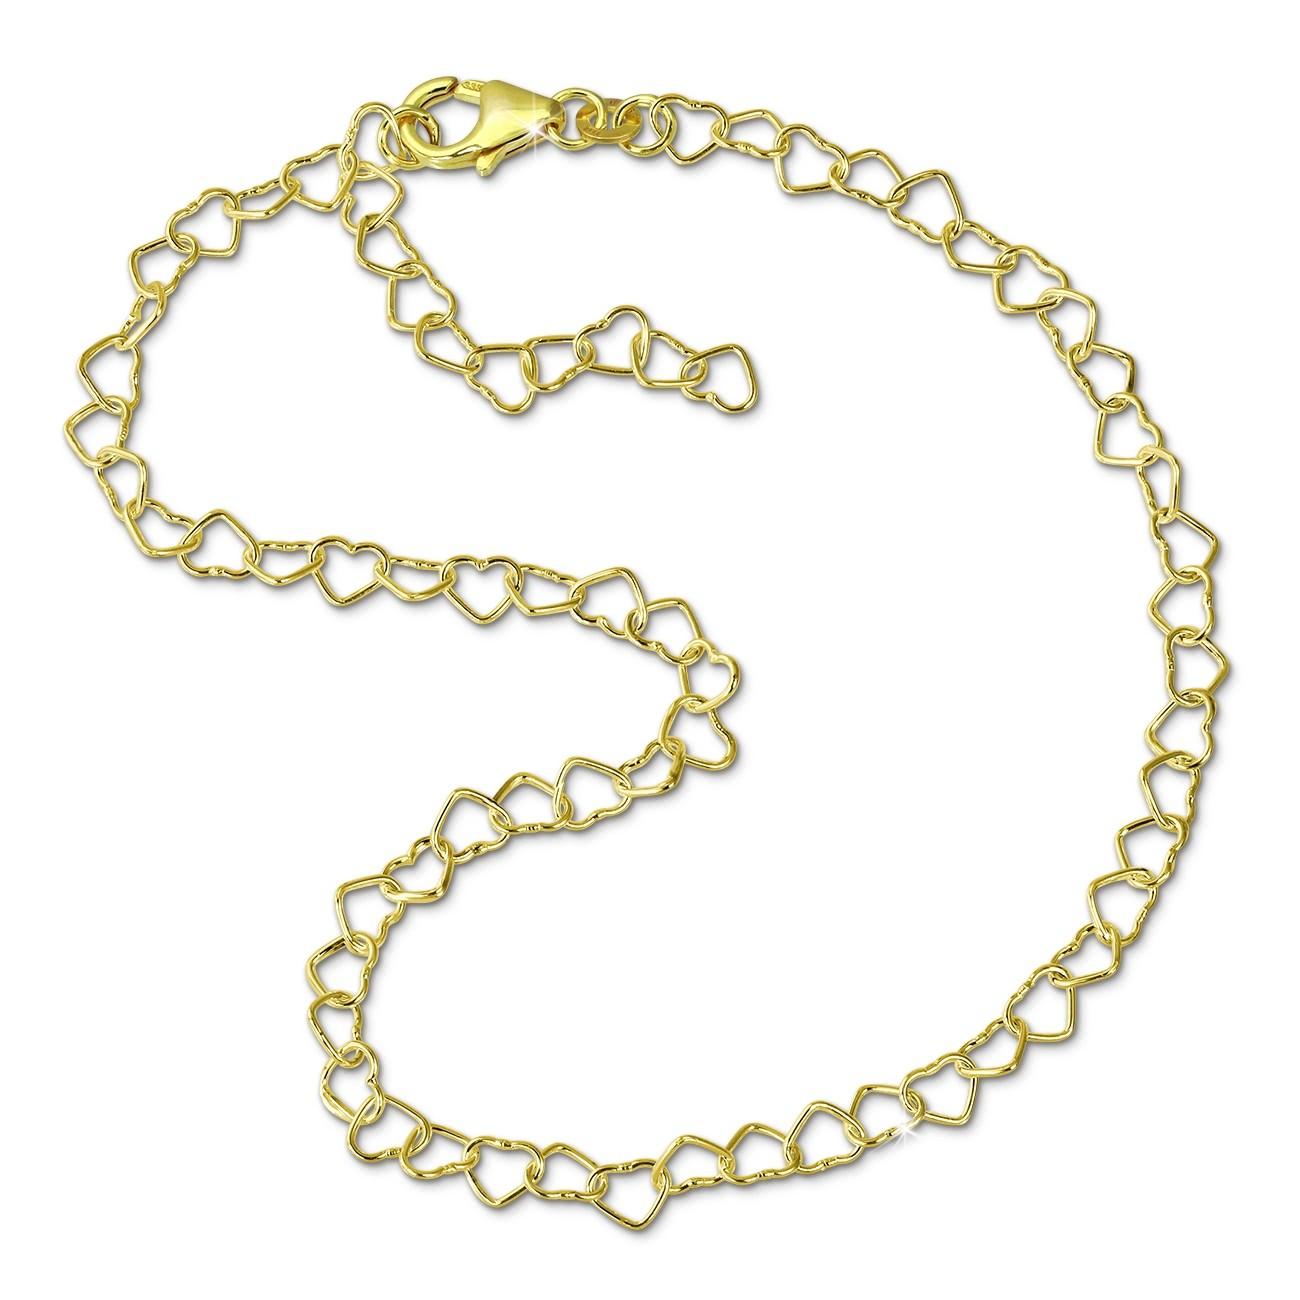 SilberDream Fußkette Herzchen 333 Gold 25cm 8 Karat Damen Echtschmuck GDF0015Y